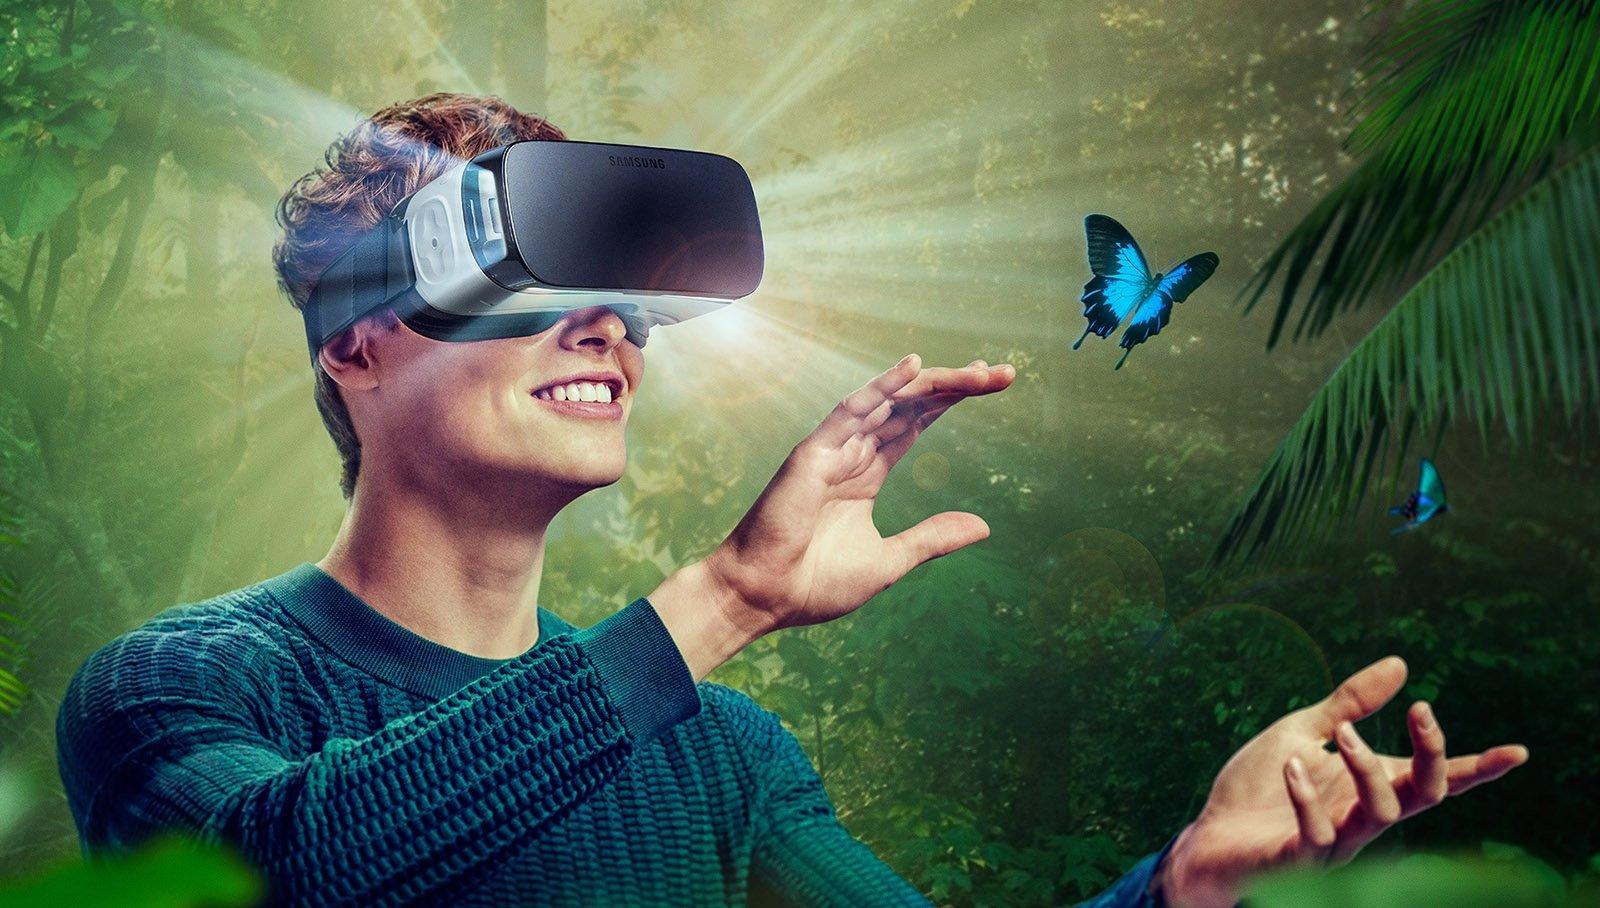 В русского разработчика виртуальной реальности инвестировали 120 млн. руб.